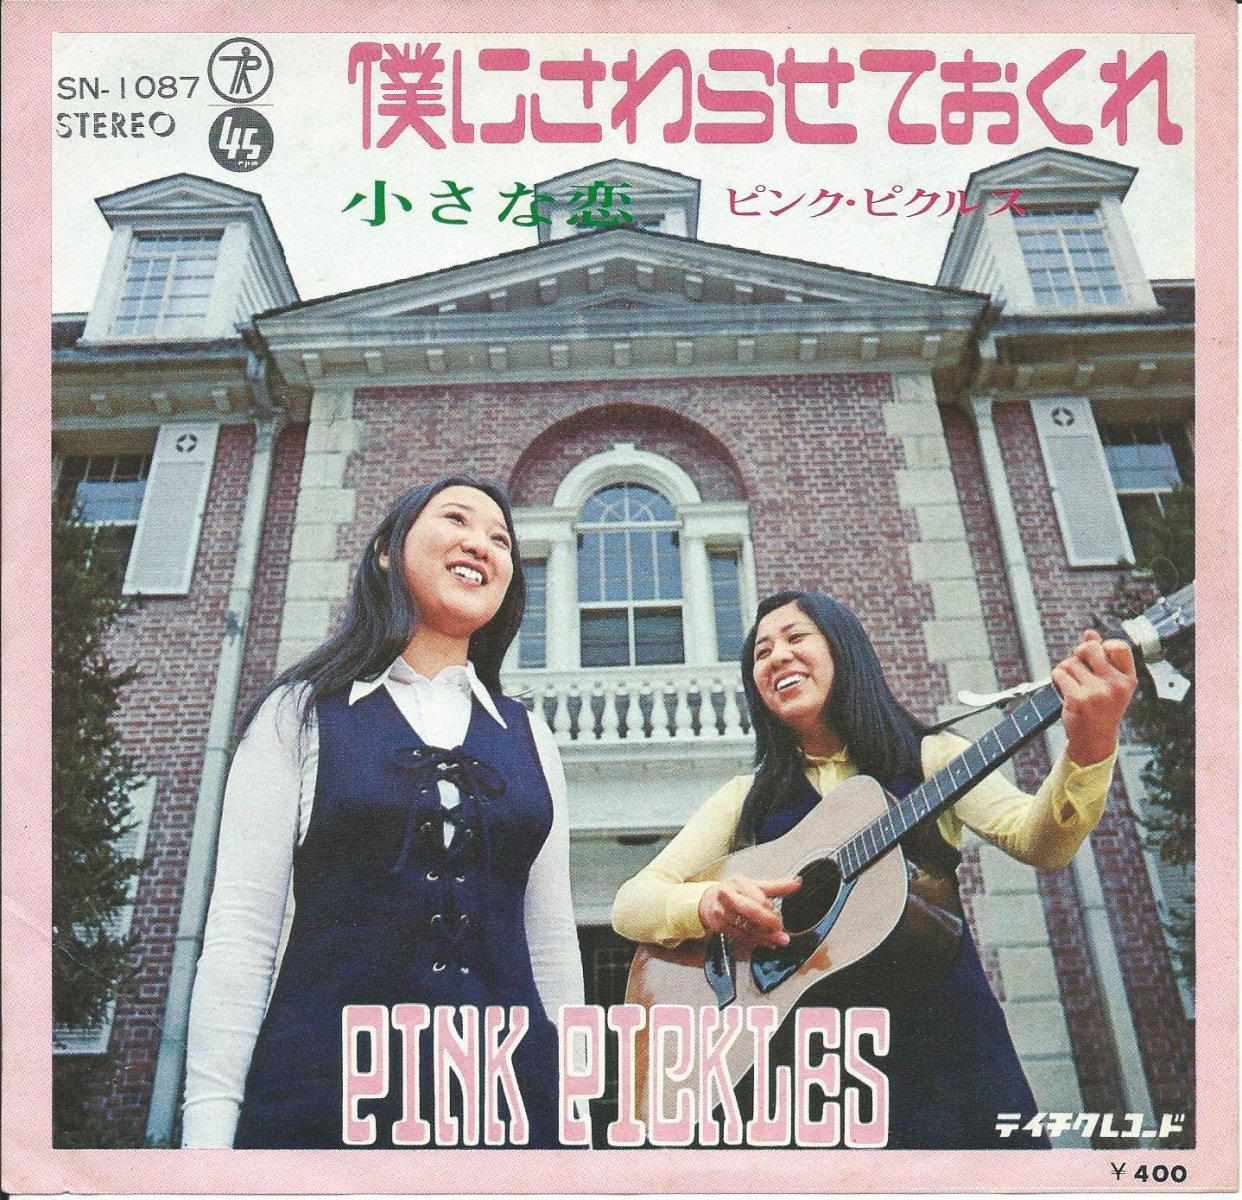 ピンク・ピクルス PINK PICKLES (茶木みやこ,小林京子) / 僕にさわらせておくれ (7